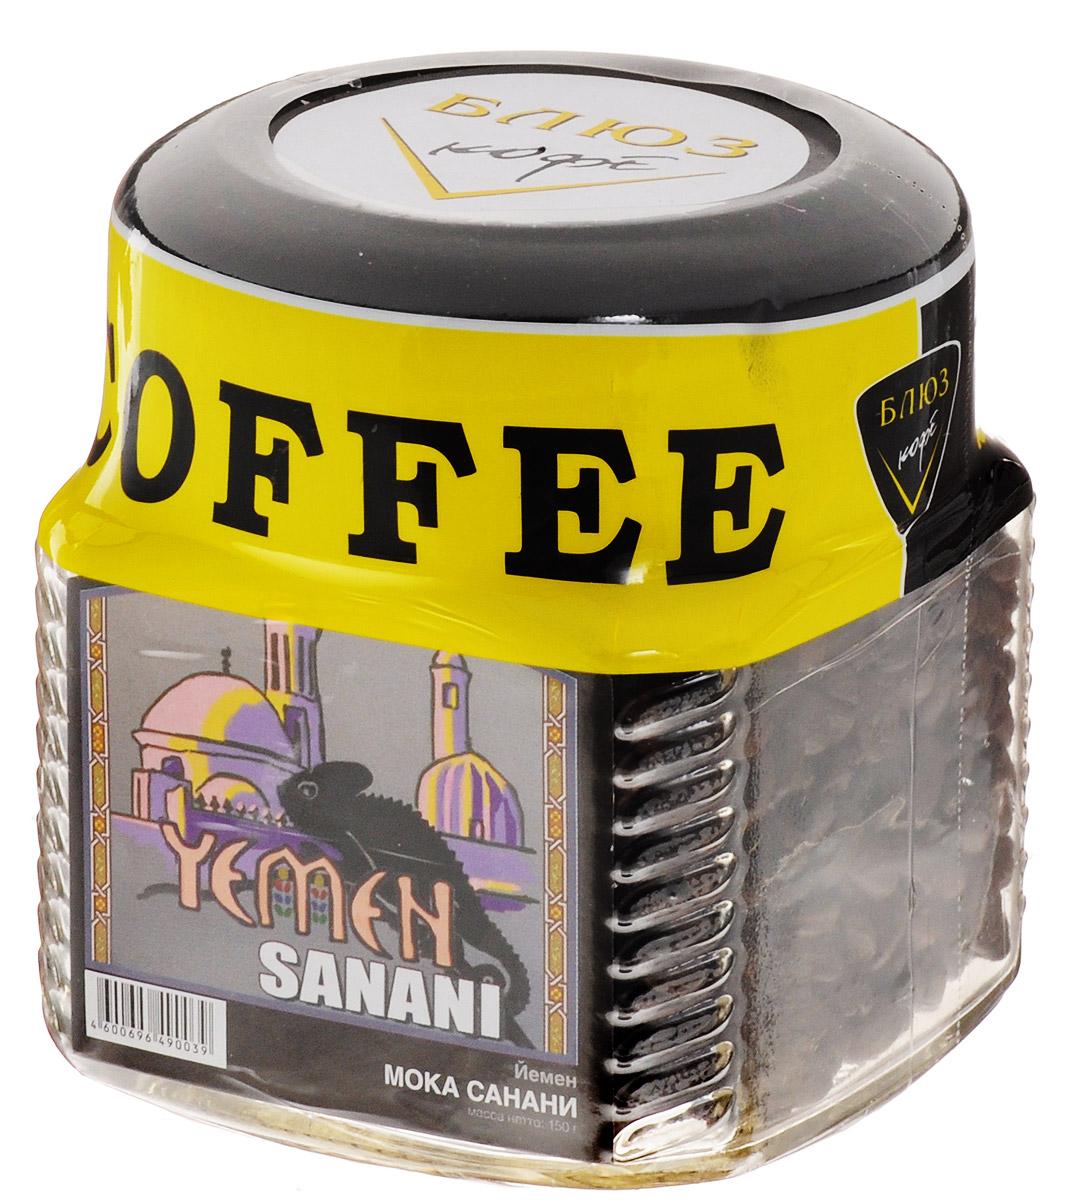 Блюз Йемен Мока Санани кофе в зернах, 150 г4600696490039Кофе лордов со второй родины кофе - из Йемена, откуда этот замечательный сорт был первым среди всех сортов кофе привезён в Европу в 16 веке. Для Санани характерна неровная форма зёрен. Йемен является первой страной, в которой начали выращивать кофе. Уникальные климатические условия аравийских плоскогорий, их почва и высота над уровнем моря являются источником уникального вкуса и аромата кофе мока. Вкус и аромат - острый, винно-фруктовый, с орехово-шоколадными оттенками. Уникальная, чуть заметная кислинка придает напитку мягкий и пикантный вкус.Если бы не замечательный кофе Мока Санани, то племена Северного и Южного Йемена наверное не смогли бы вести многовековые и кровопролитные войны друг с другом, ведь в день совершеннолетия, мужчины Йемена получают не паспорт, но особый кривой нож для ближнего боя. Сейчас межплеменные войны утихли, Йемен объединился, ведь теперь этот кофе уходит на экспорт.Кофе: мифы и факты. Статья OZON Гид